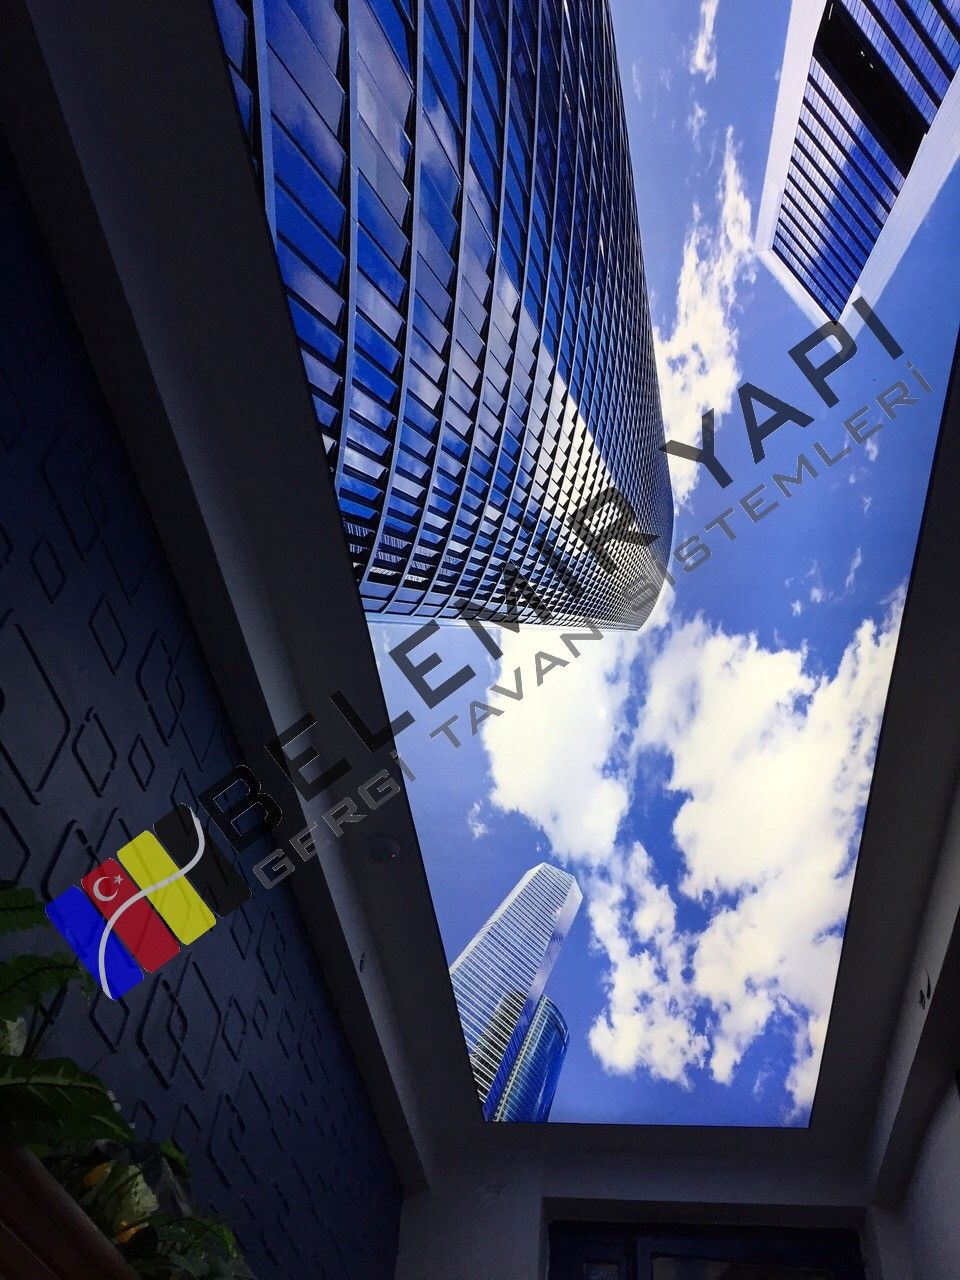 اسقف جبس اف ضوئية تصاميم جبس للاسقف اسعار الاسقف المشدودة احدث ديكور جبس بورد الديكورات الجبسية الحديثة اسقف حمام Skyscraper Building Structures